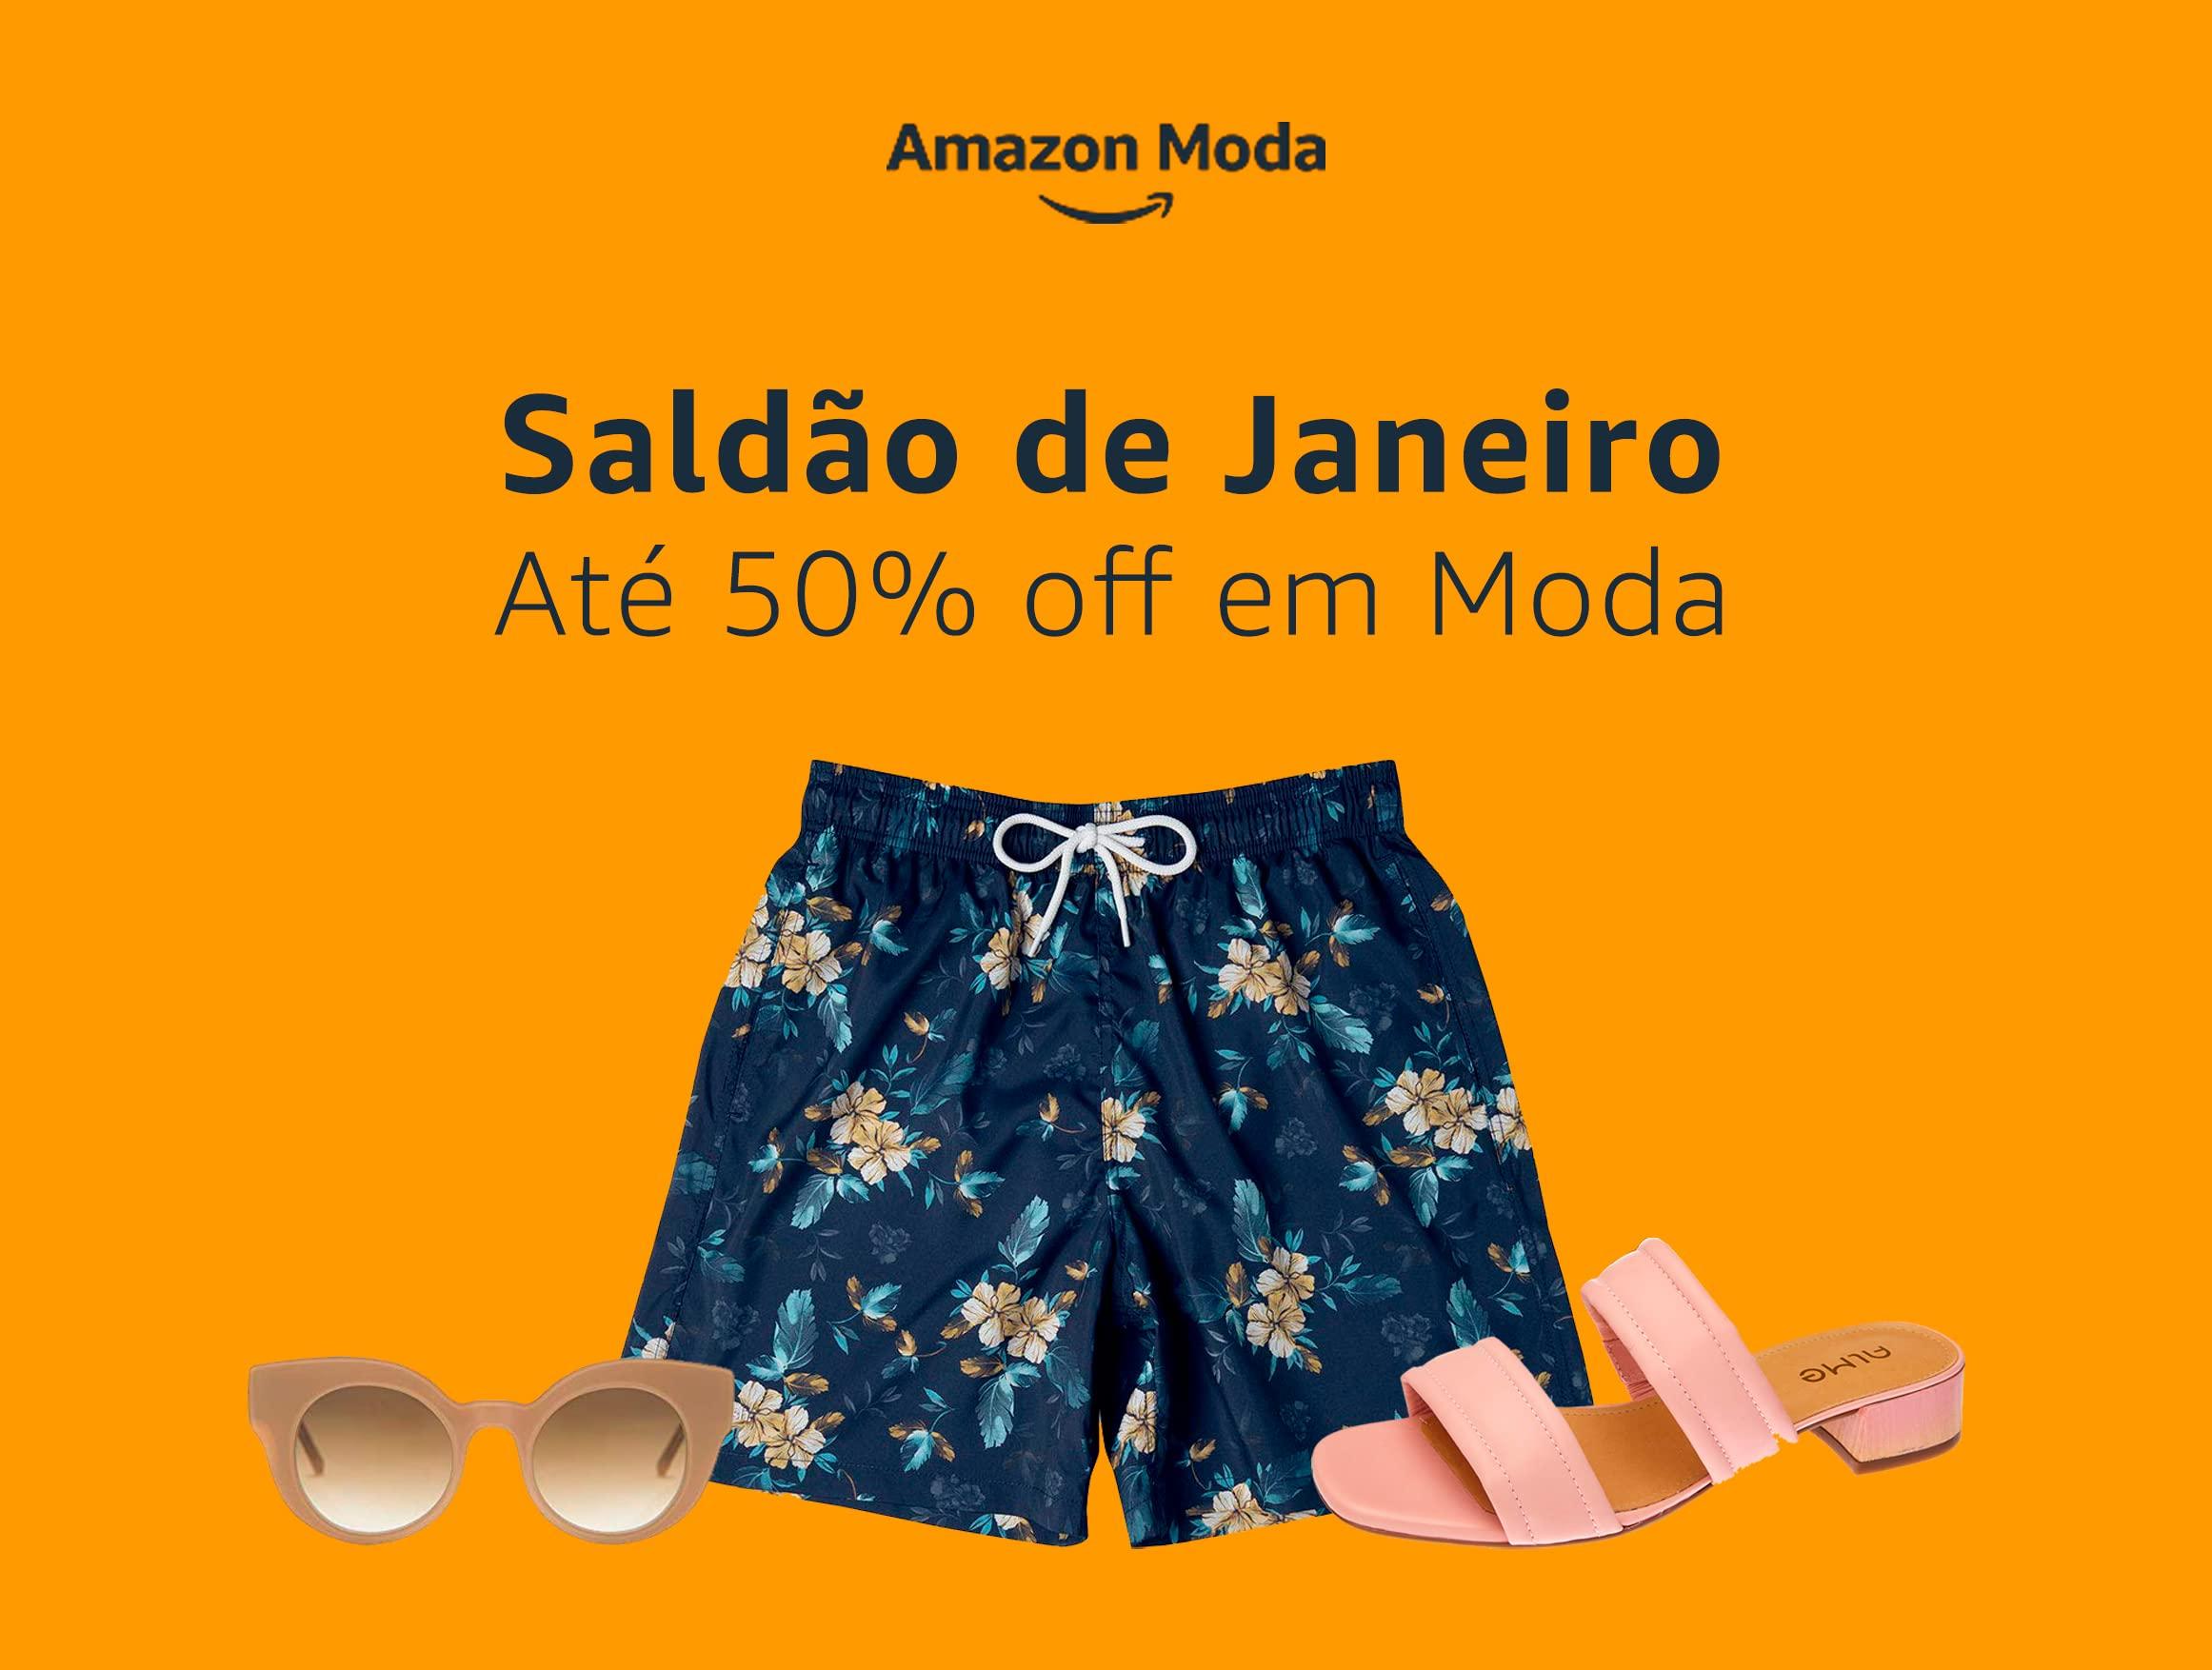 Saldão de Janeiro: Até 50% off em Moda